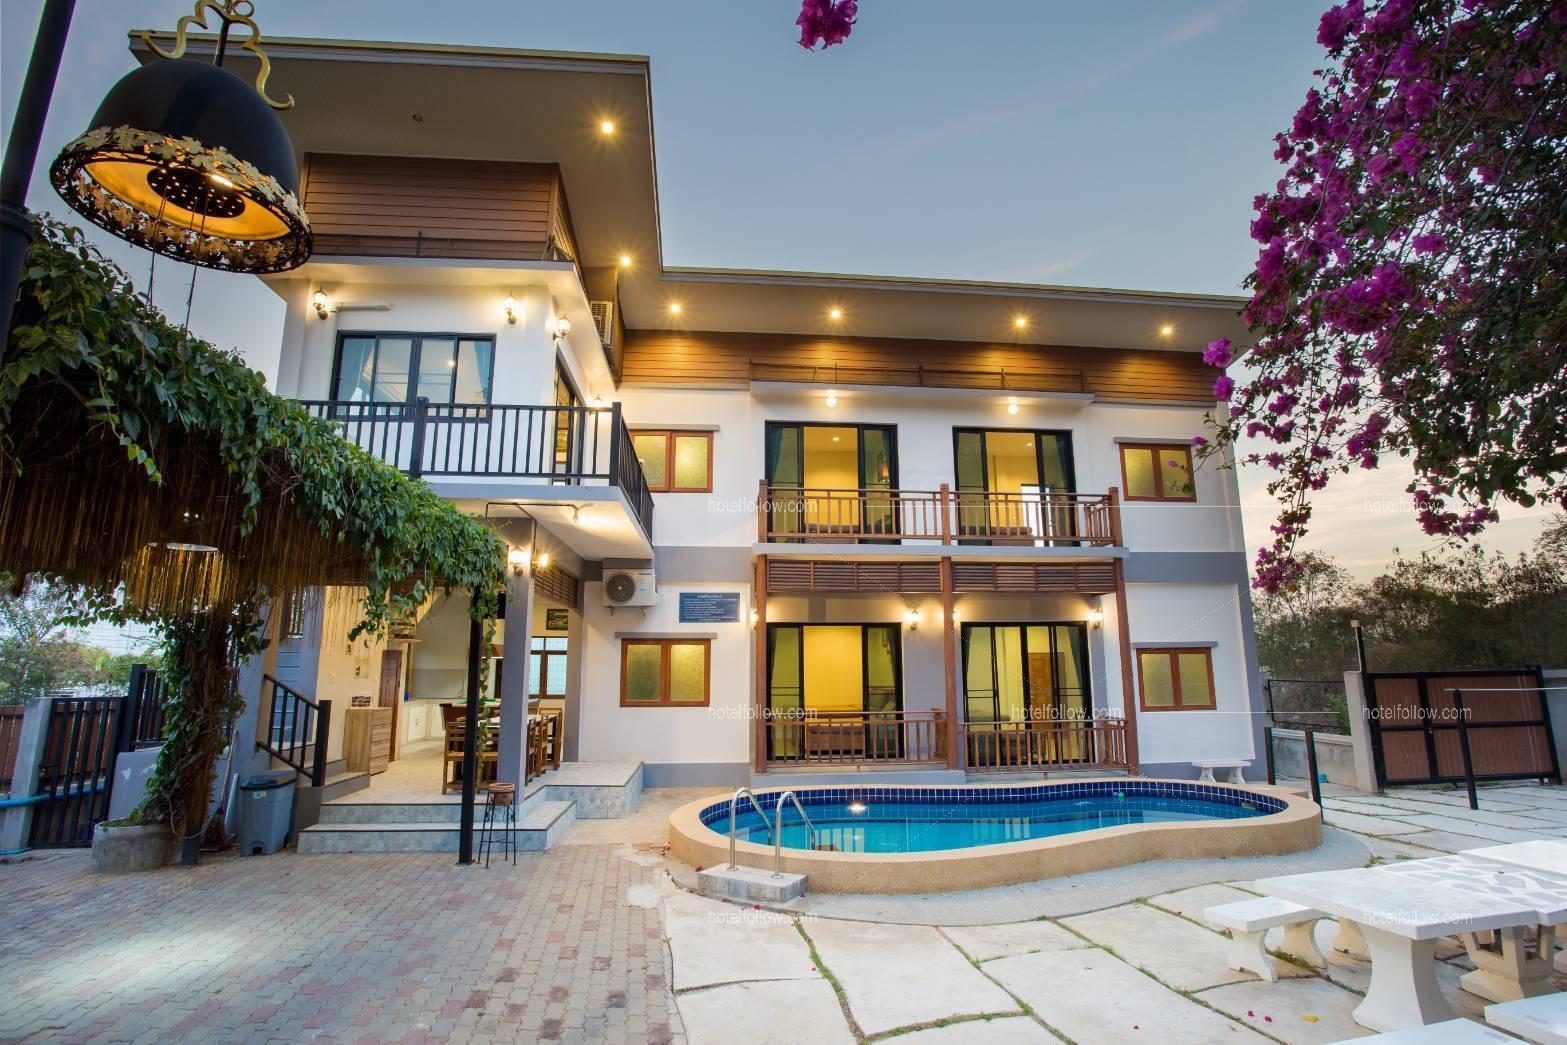 รูปของโรงแรม โรงแรม บ้านกีตาร์ หัวหิน พูลวิลล่า (ปิ้งย่าง ทำอาหารได้ 4 นอน)